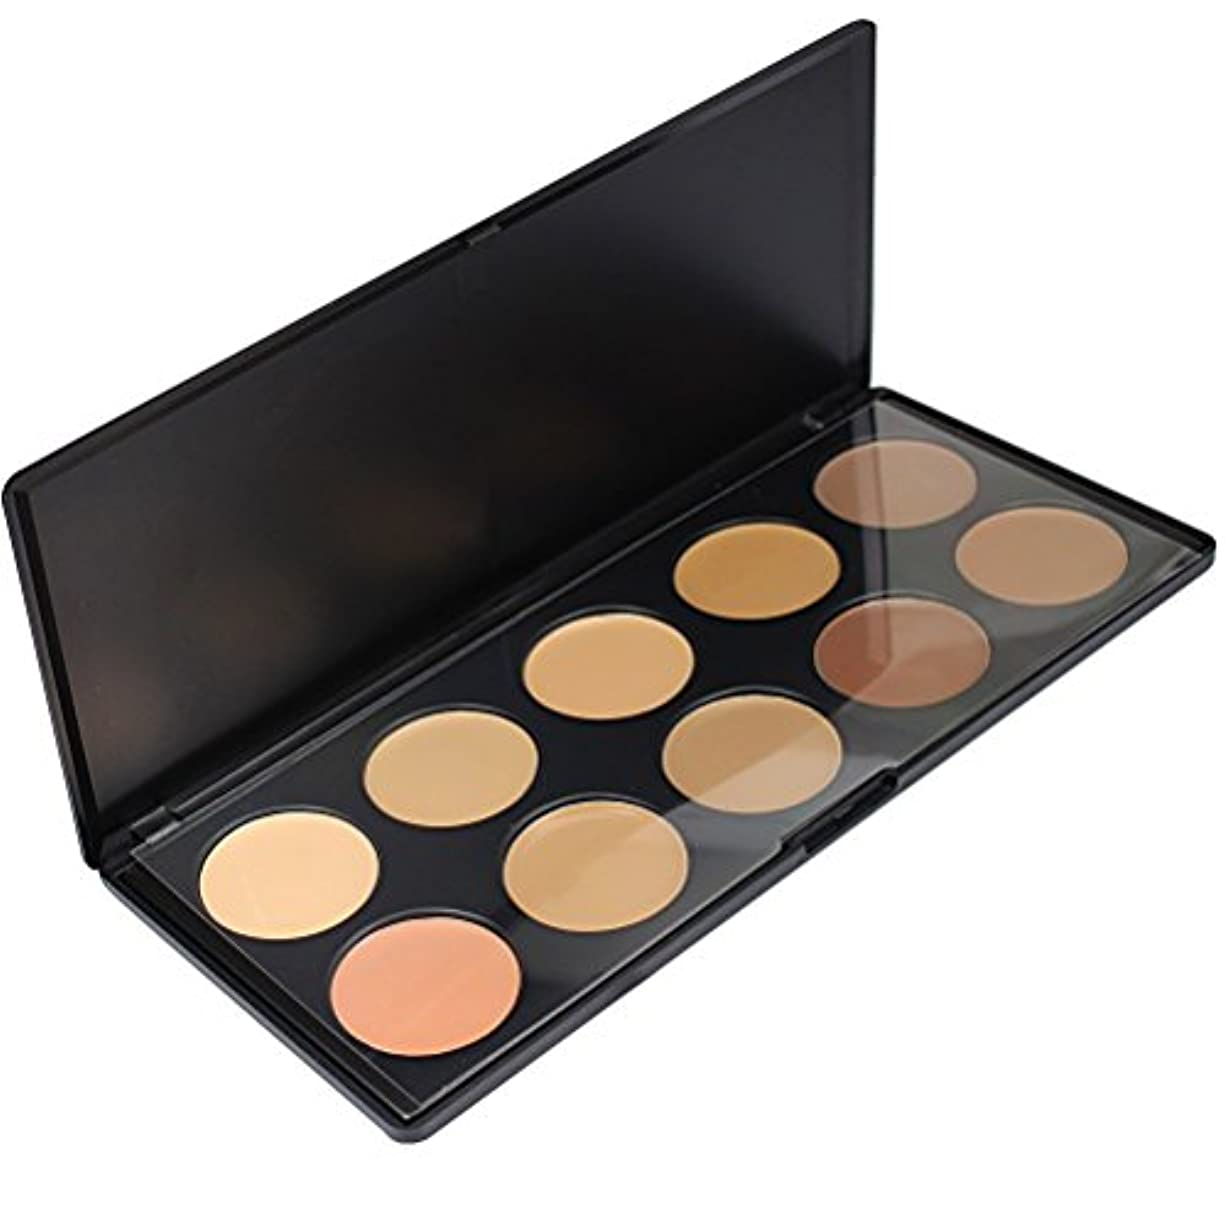 何もないリーズメロンメイクアップエーシーシー (MakeupAcc) 10色コンシーラーパレット アイシャドウパレット メイクアップセット [並行輸入品]